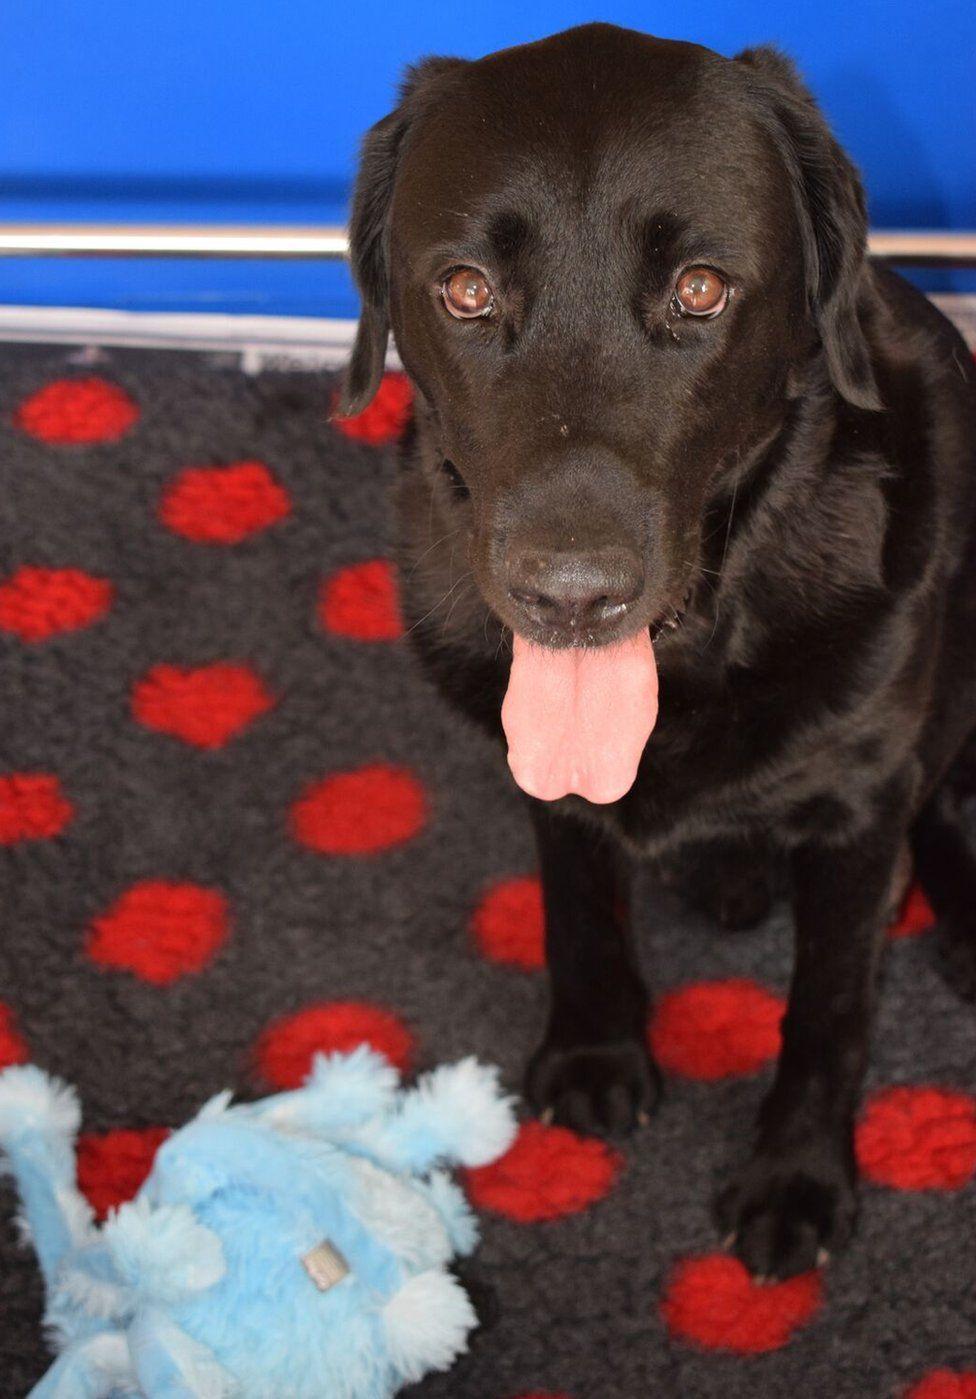 Abby, an adult black Labrador